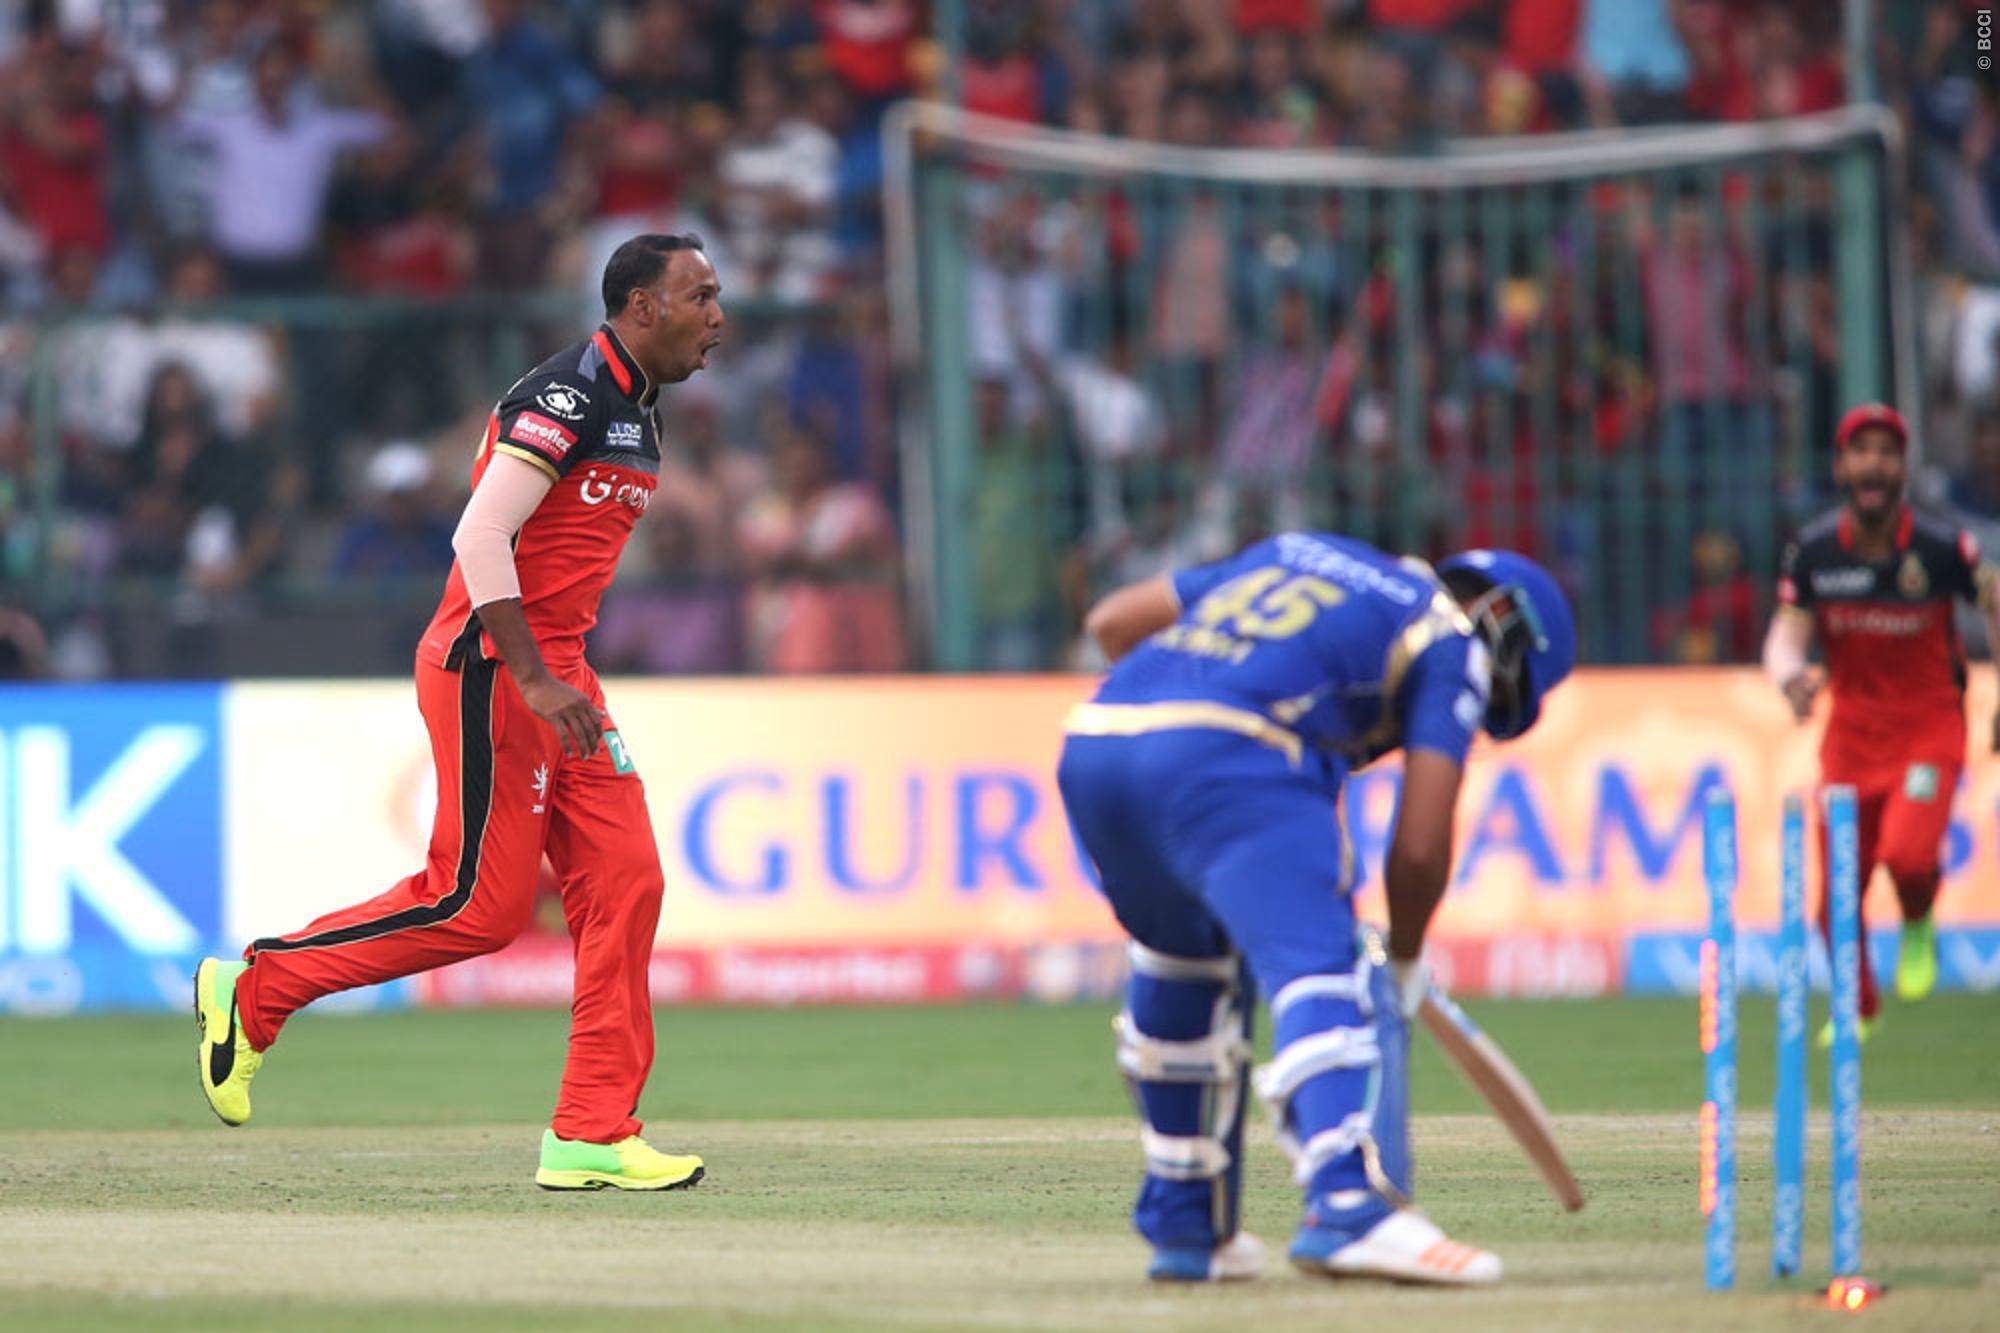 वीडियो: सैम्युल बद्री ने आईपीएल 10 की पहली हैट्रिक से मुंबई के खिलाफ मज़बूत कराई बैंगलोर की पकड़